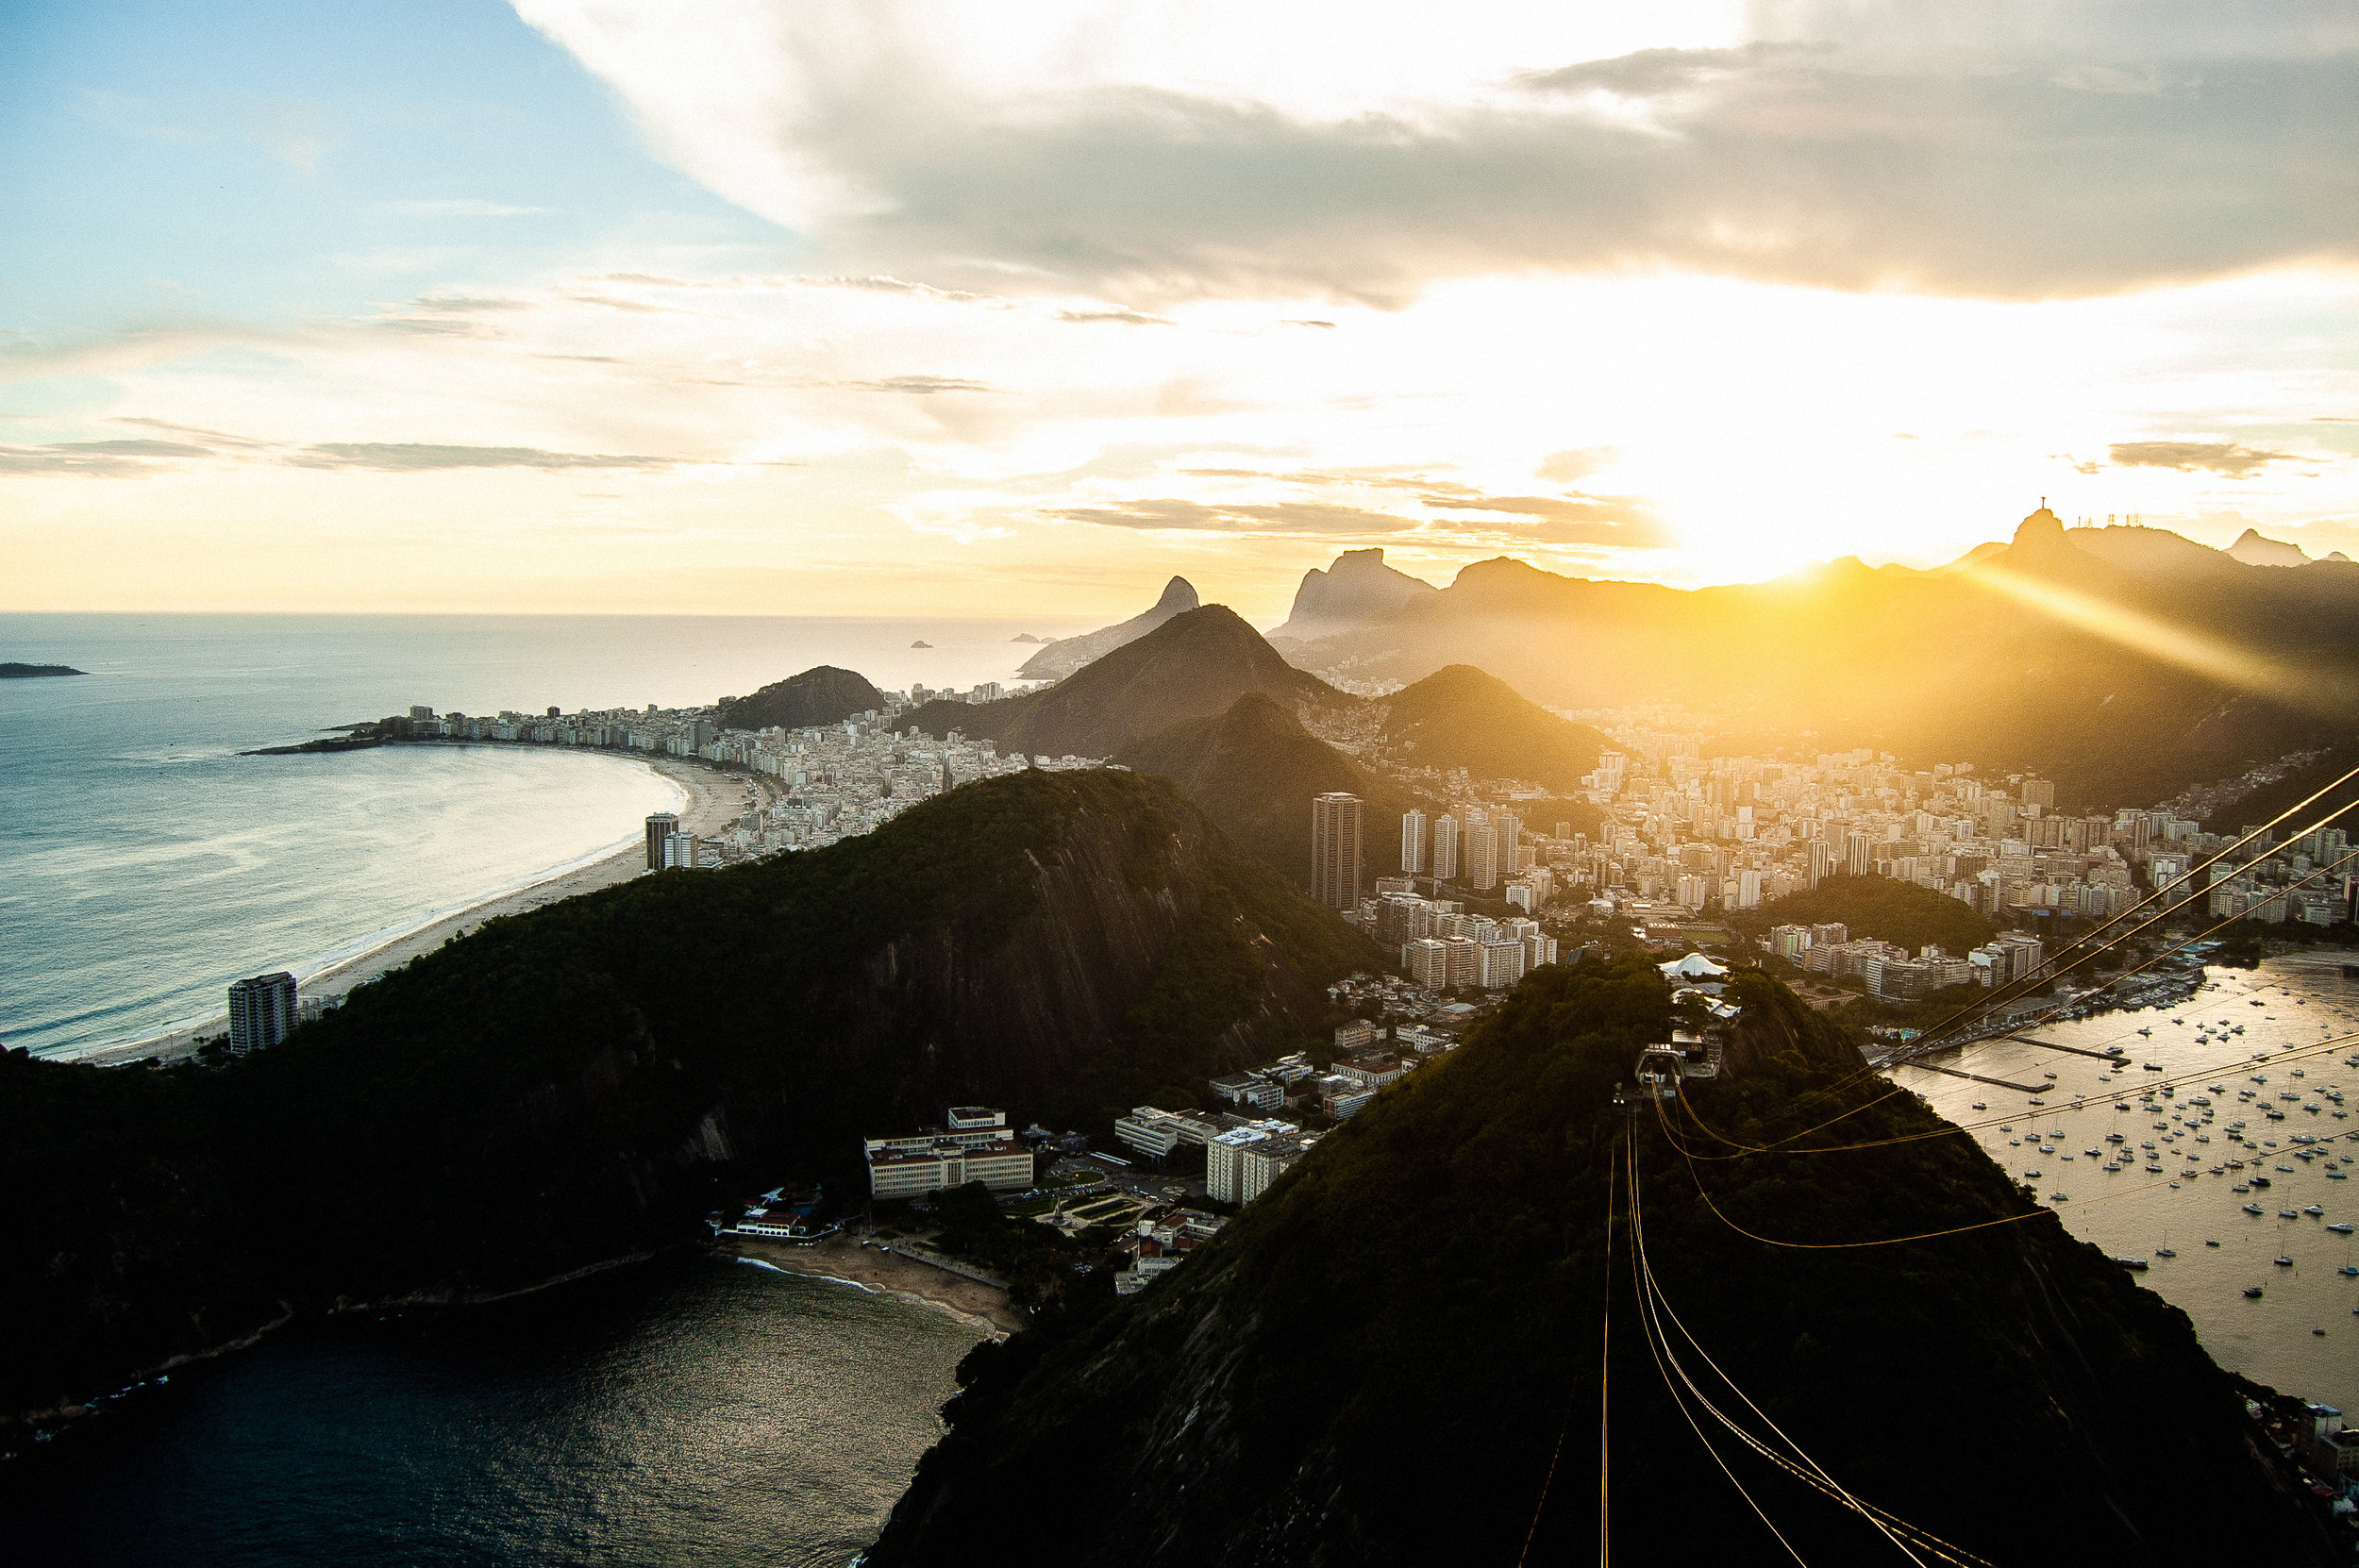 Rio de Janeiro - ¿Celebrar las navidades en la playa? Sí, esto es posible en Rio de Janerio, la ciudad más famosa de Brasil celebra las navidades durante su temporada de verano. Esto significa que podrás disfrutas de las luces, arbolitos y comidas típicas de la época mientras te das un chapuzón en las famosas playas de Copacabana e Ipanema.